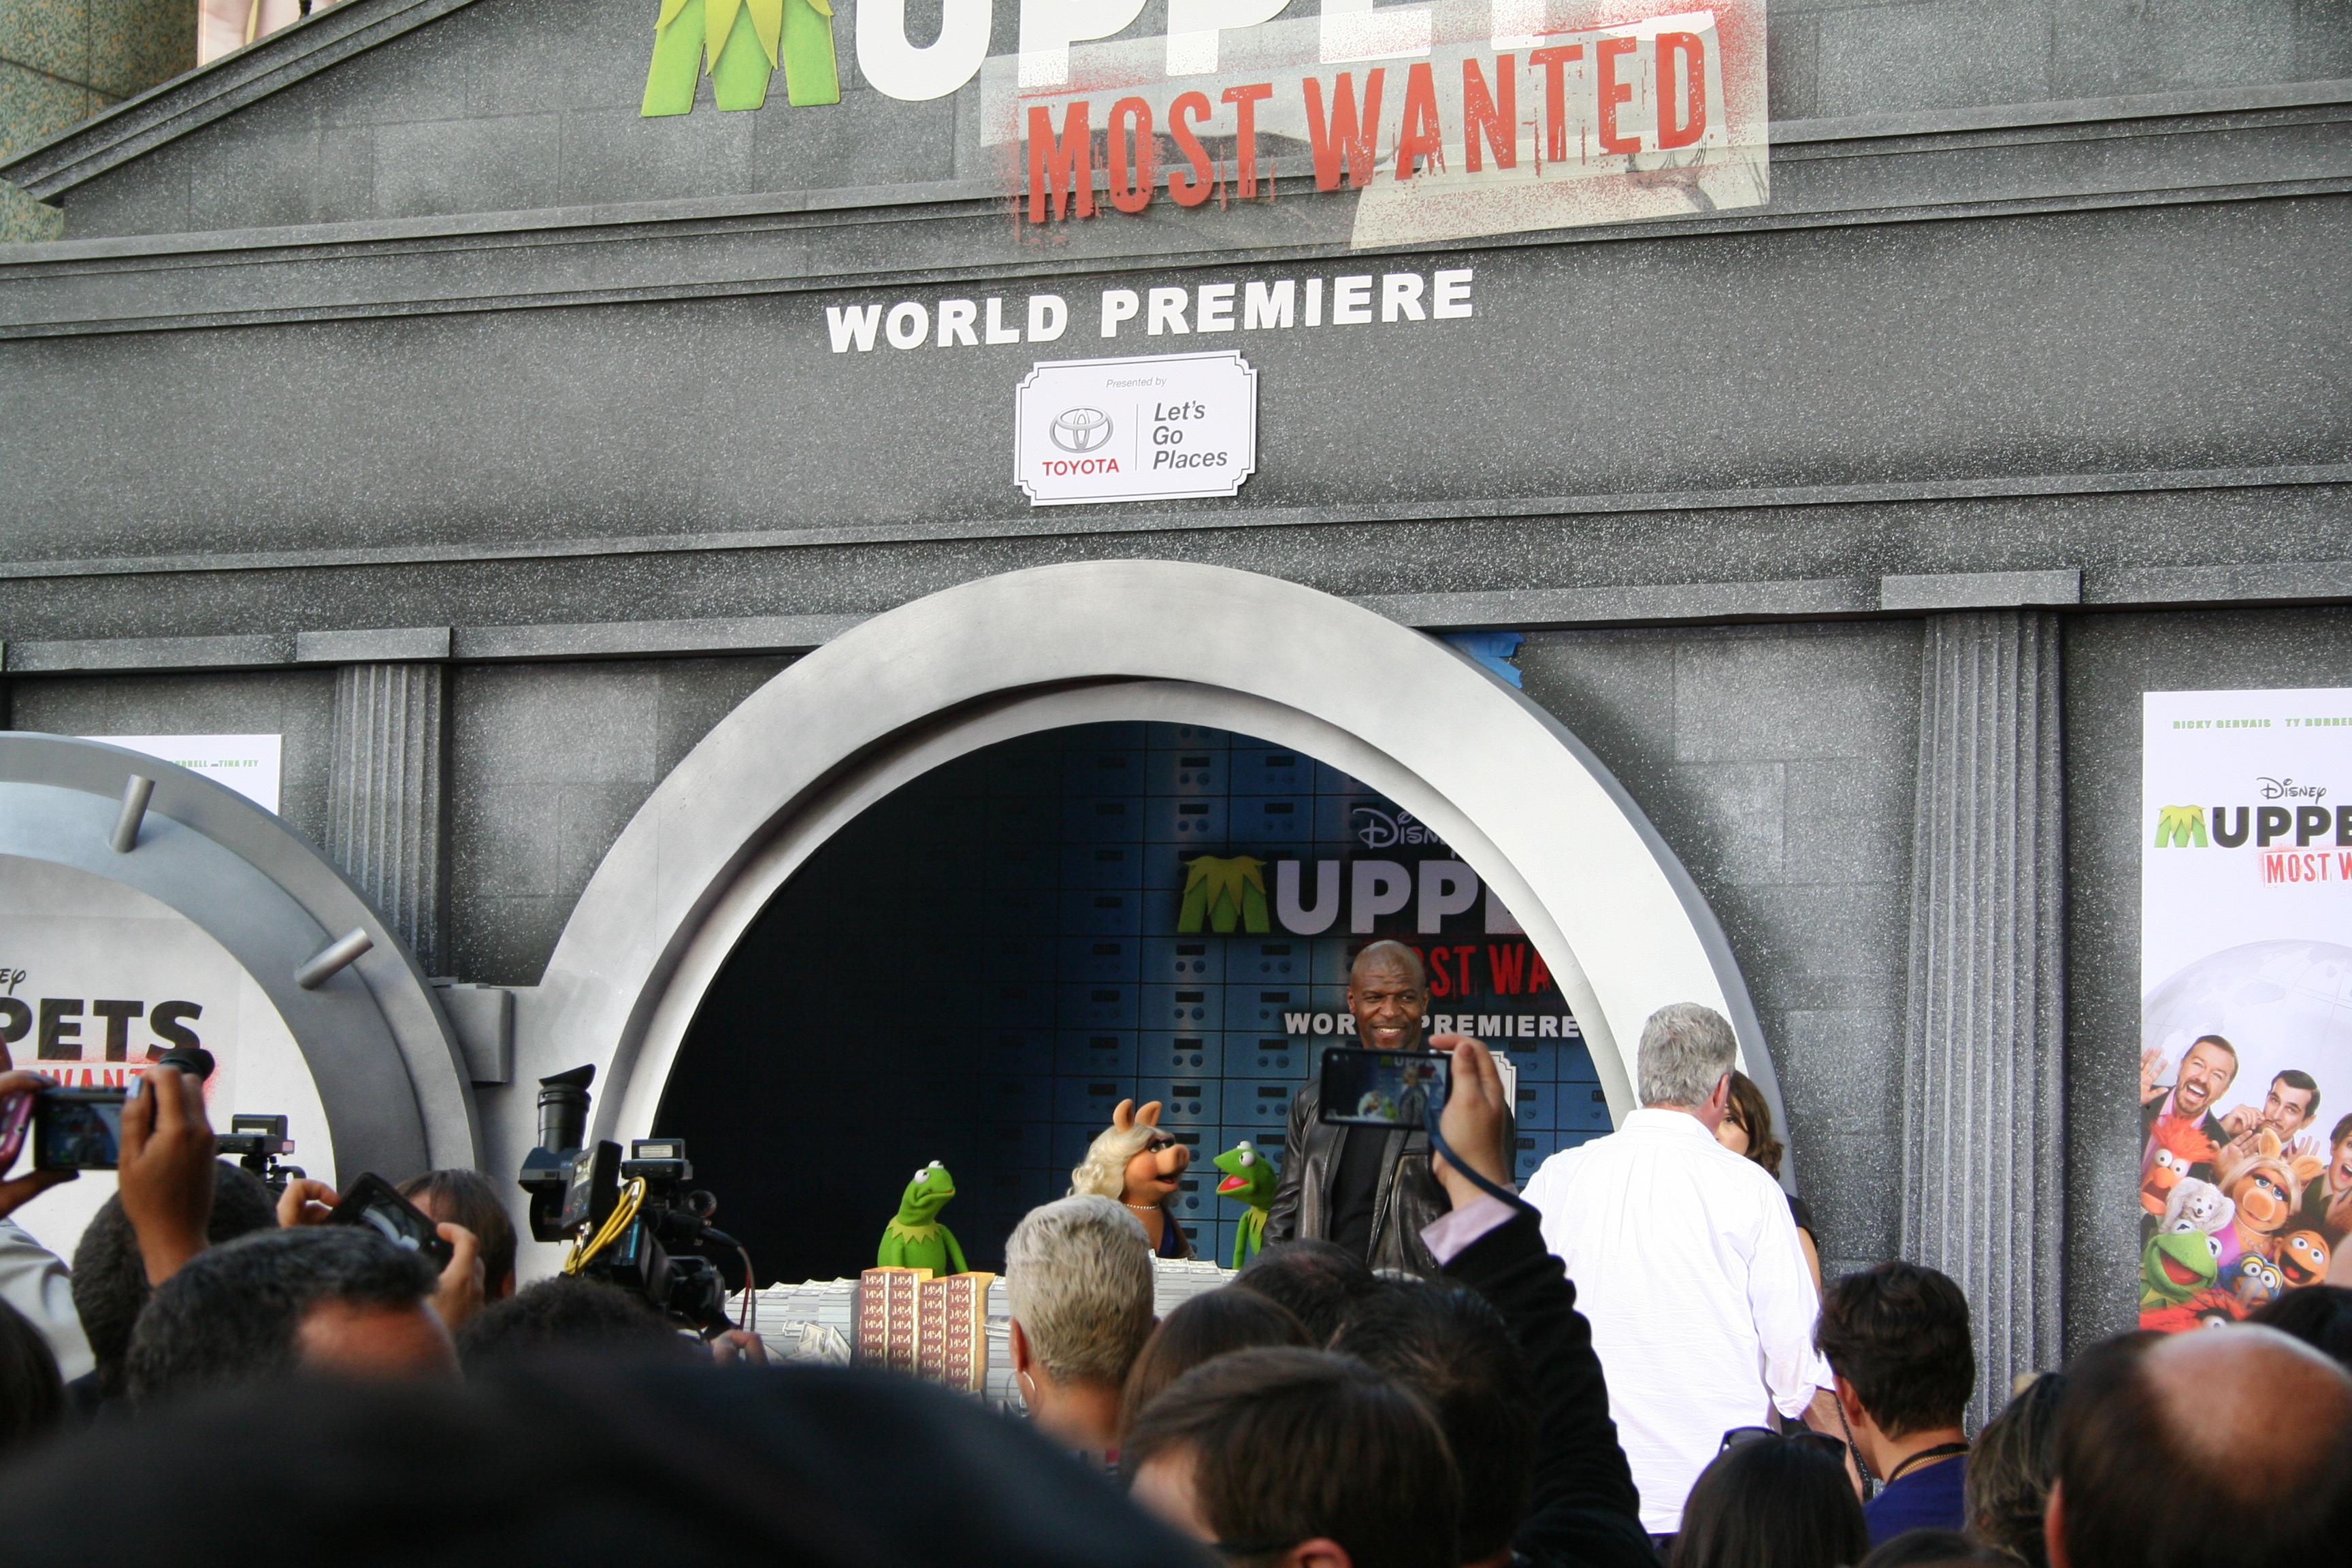 Muppets Red Carpet #MuppetsMostWantedEvent